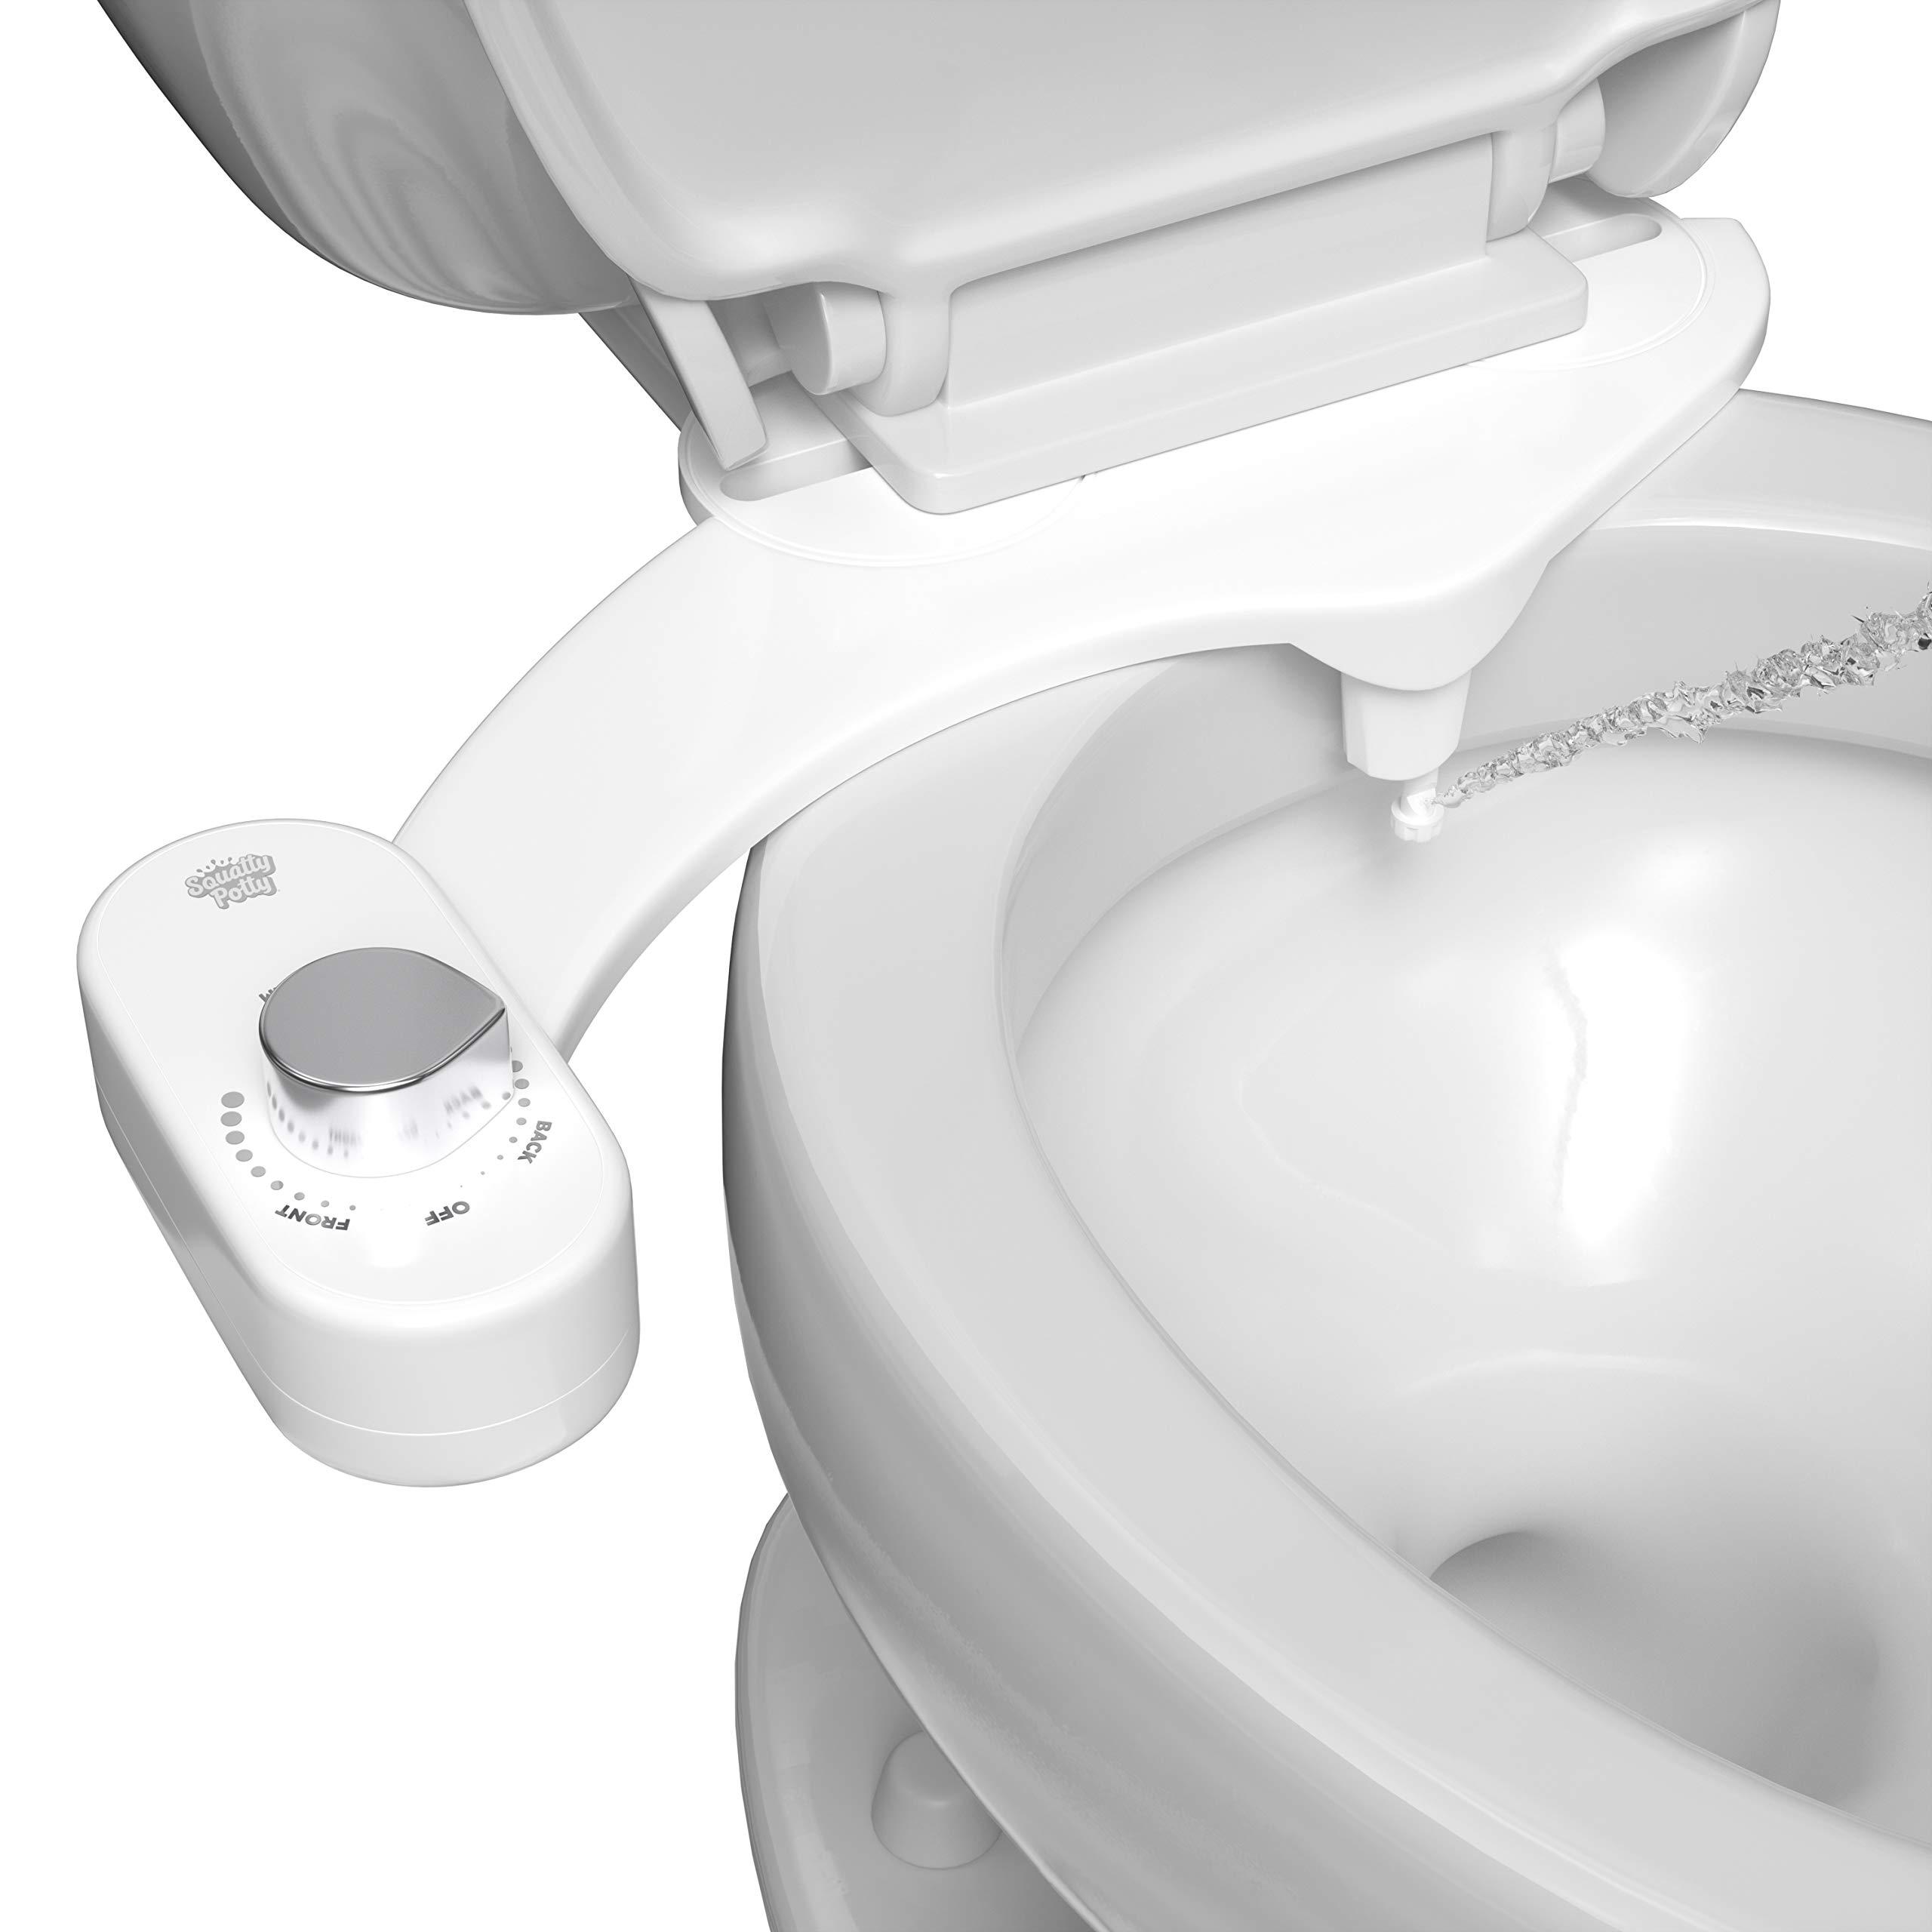 Squatty Potty Refresh-it Accesorio de bidet para taza de WC: Amazon.es: Bricolaje y herramientas